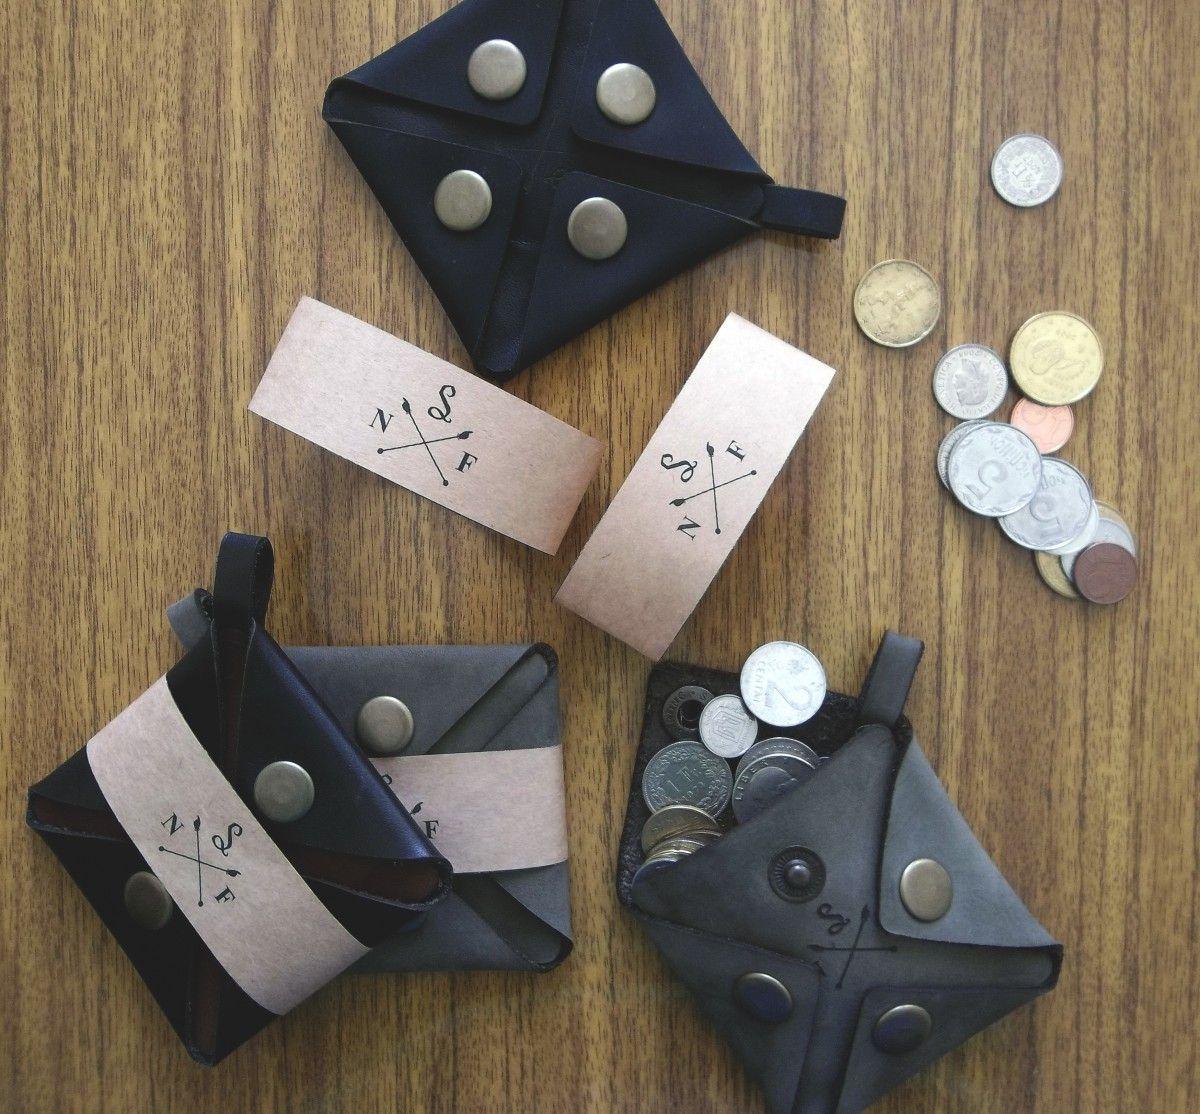 3a4a86bb5d1d Монетница/ кошелек для монет ручной работы (9515) | Купить на ЦЕХ32 ...